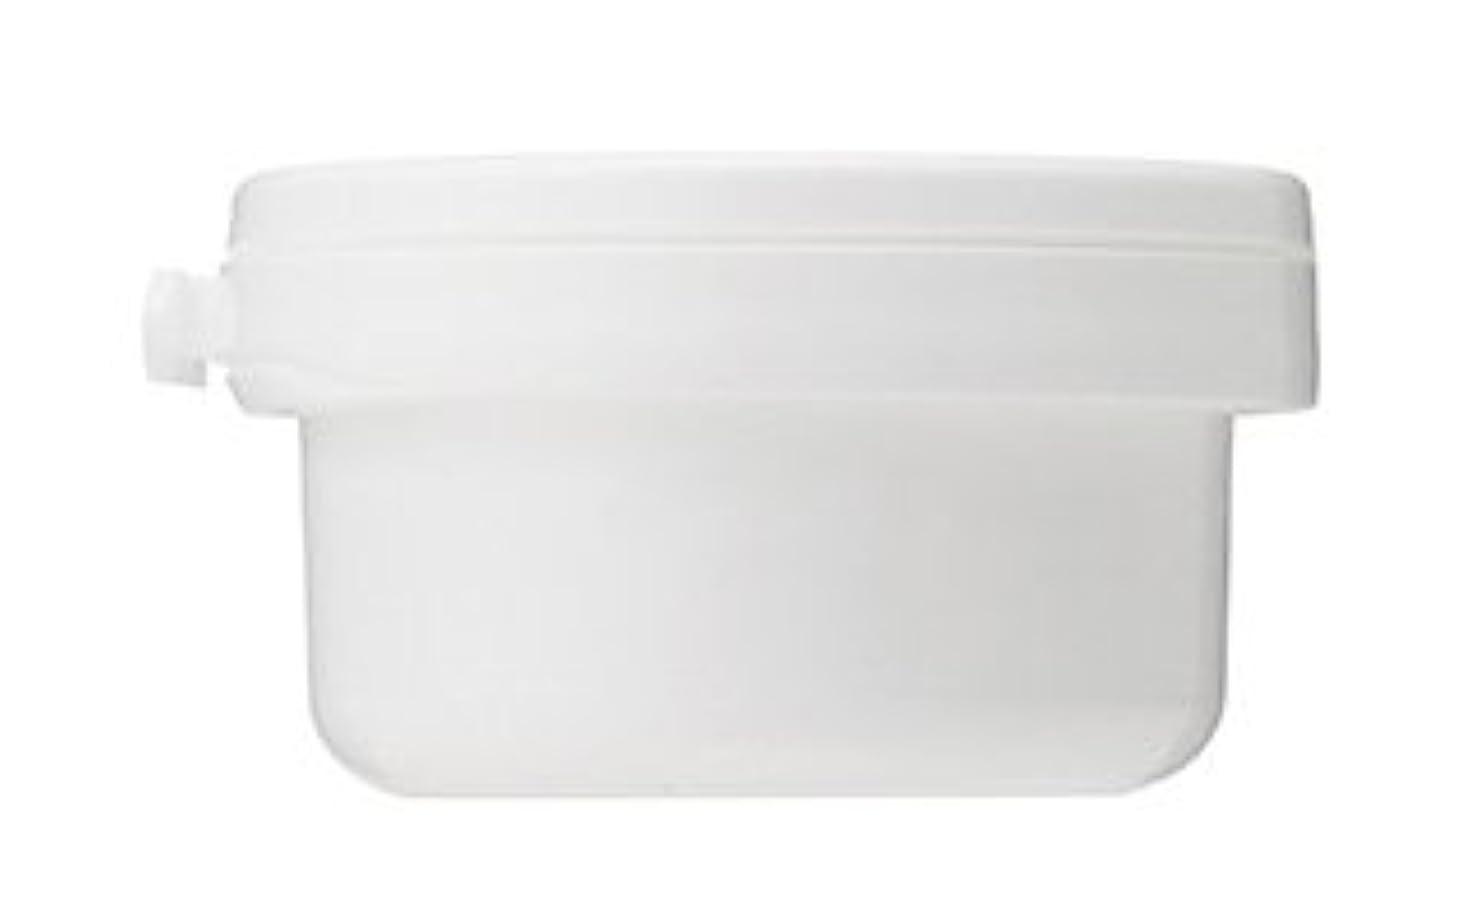 有害うっかり修羅場インナップEX 保湿クリーム詰め替え用 (潤い効果アップ) モイスチャークリーム MD レフィル [弱酸性]